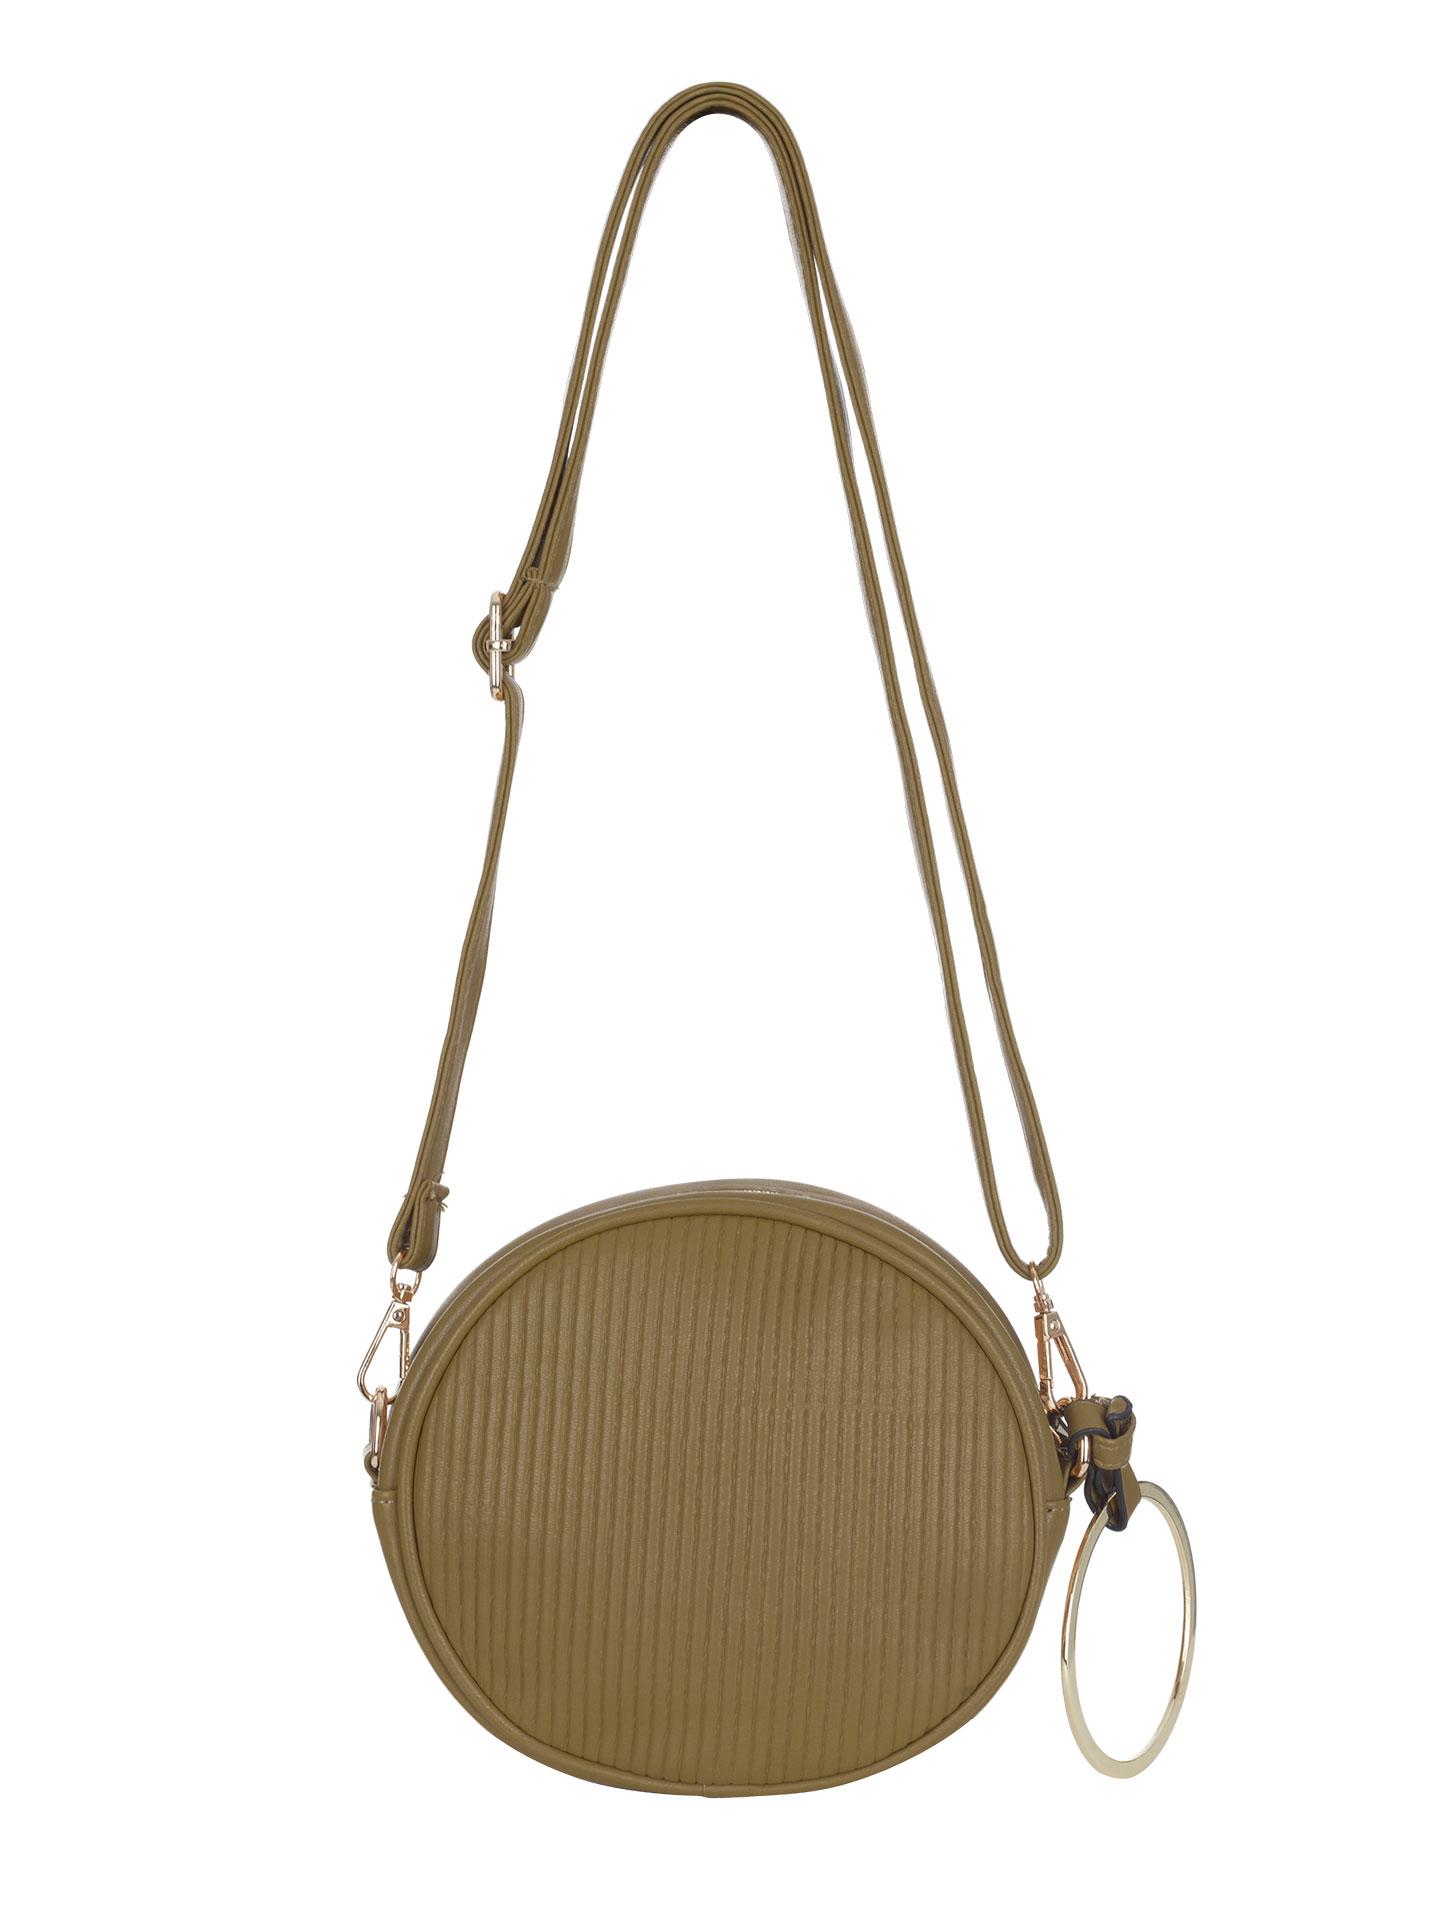 ... Στρογγυλή ανάγλυφη τσάντα με κρίκο WL1460.A775+6. -19%. Celestino ... a4a0e0f0227